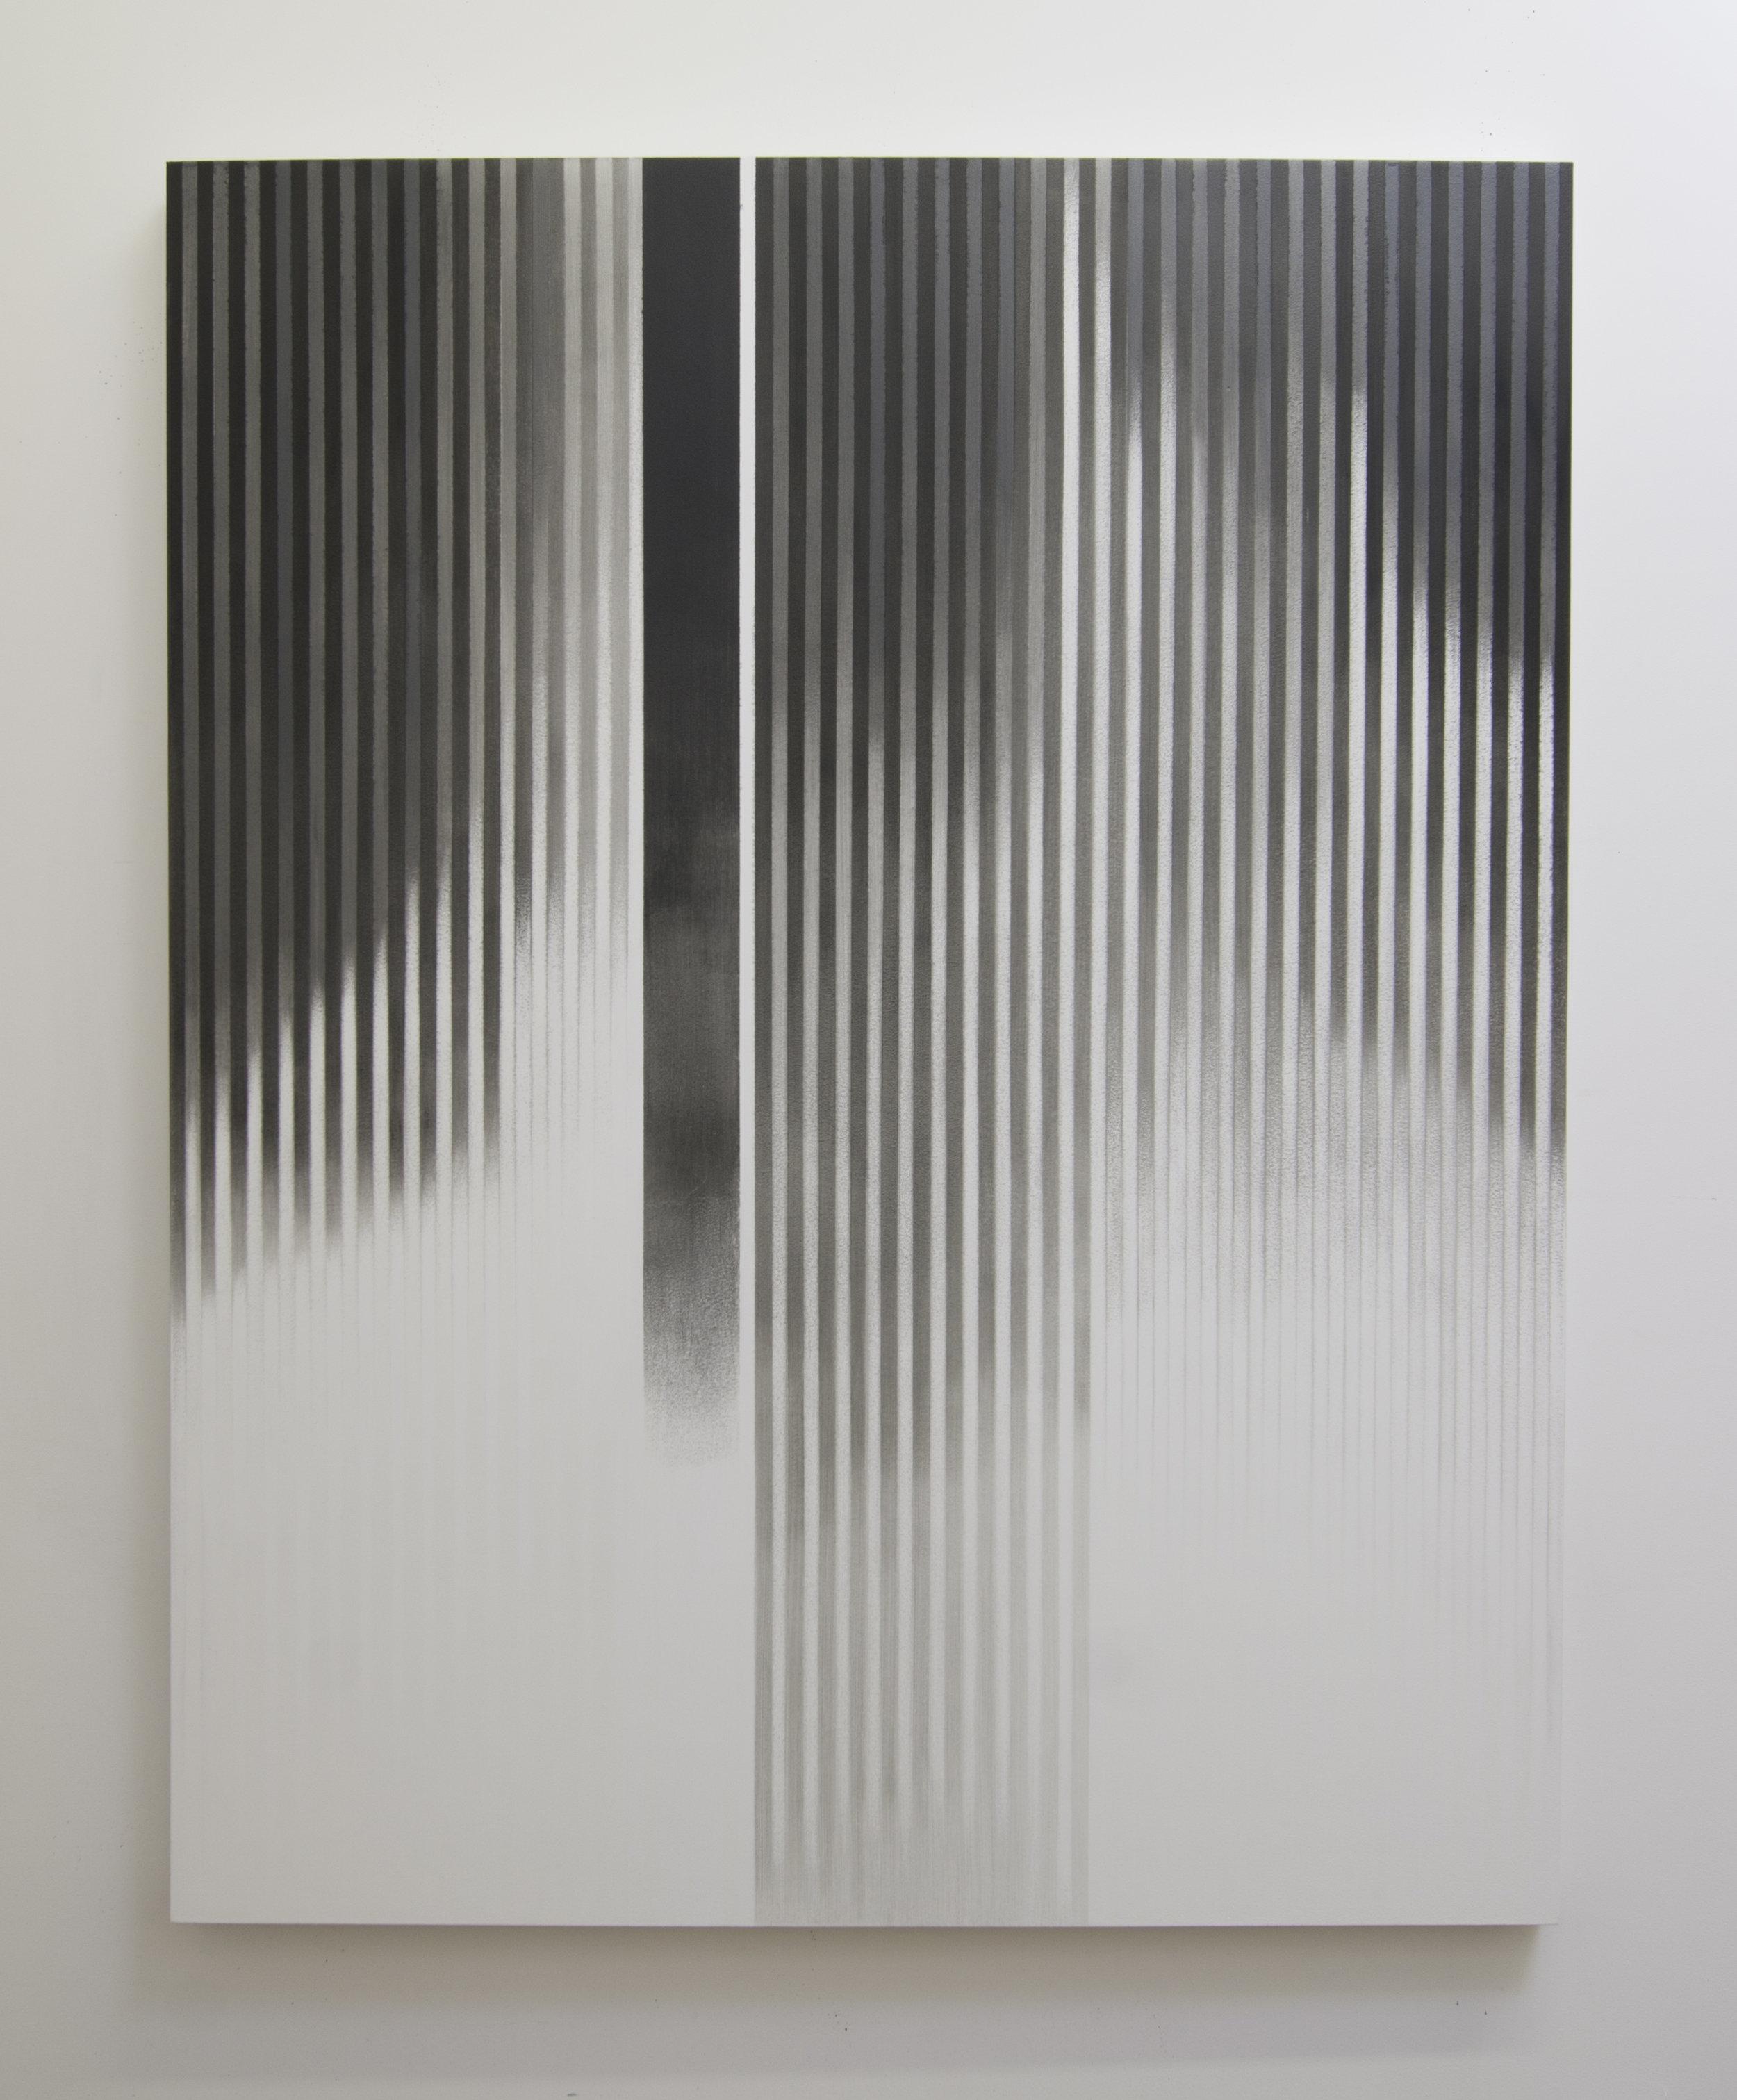 Zero Hour, 2013  Acrylic on panel, 56 x 44 inches